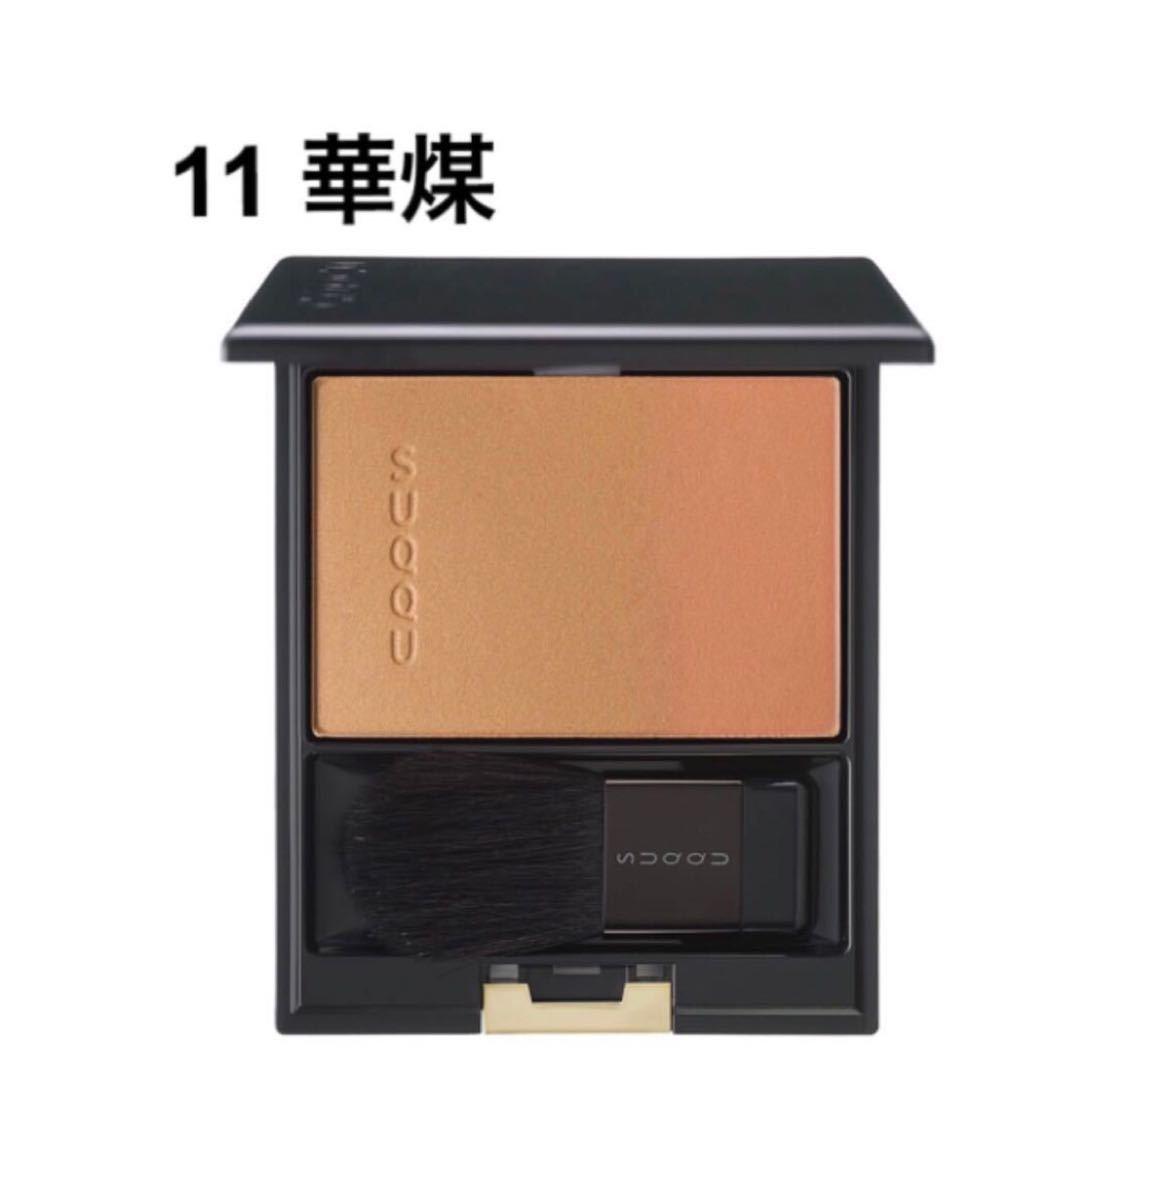 SUQQU ピュア カラー ブラッシュ チーク 11 華煤